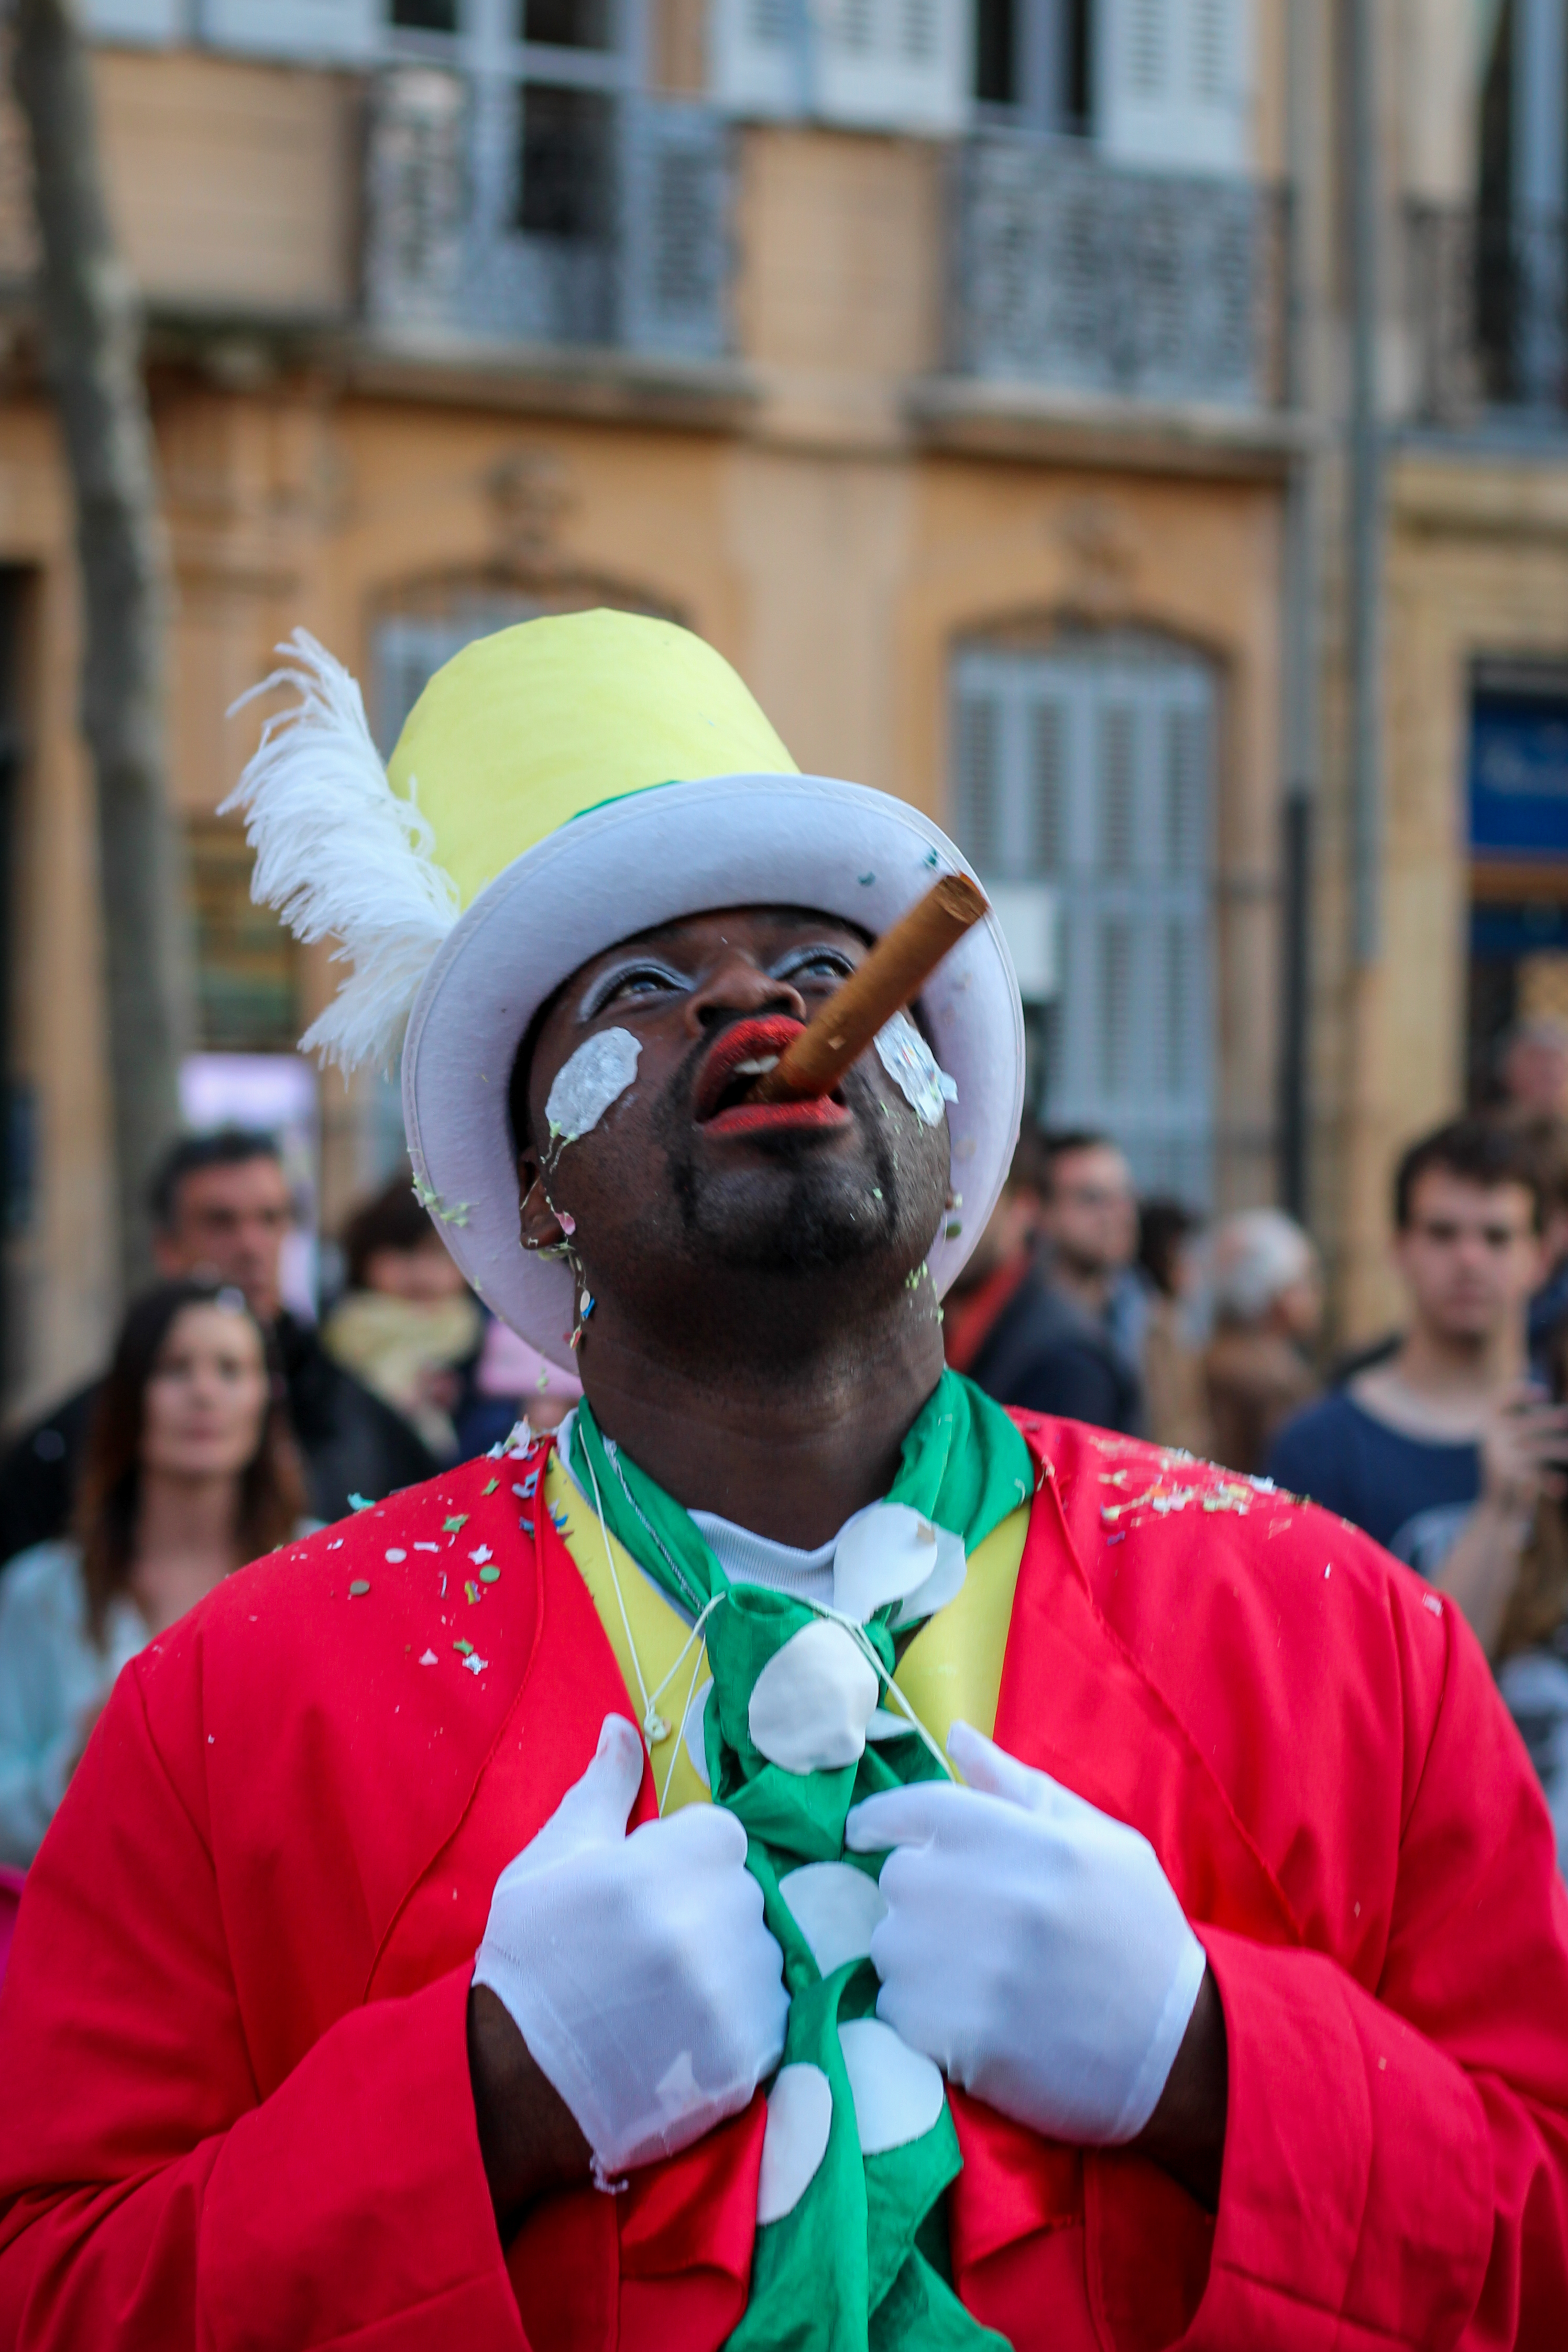 Carnaval_Aix_2015-13